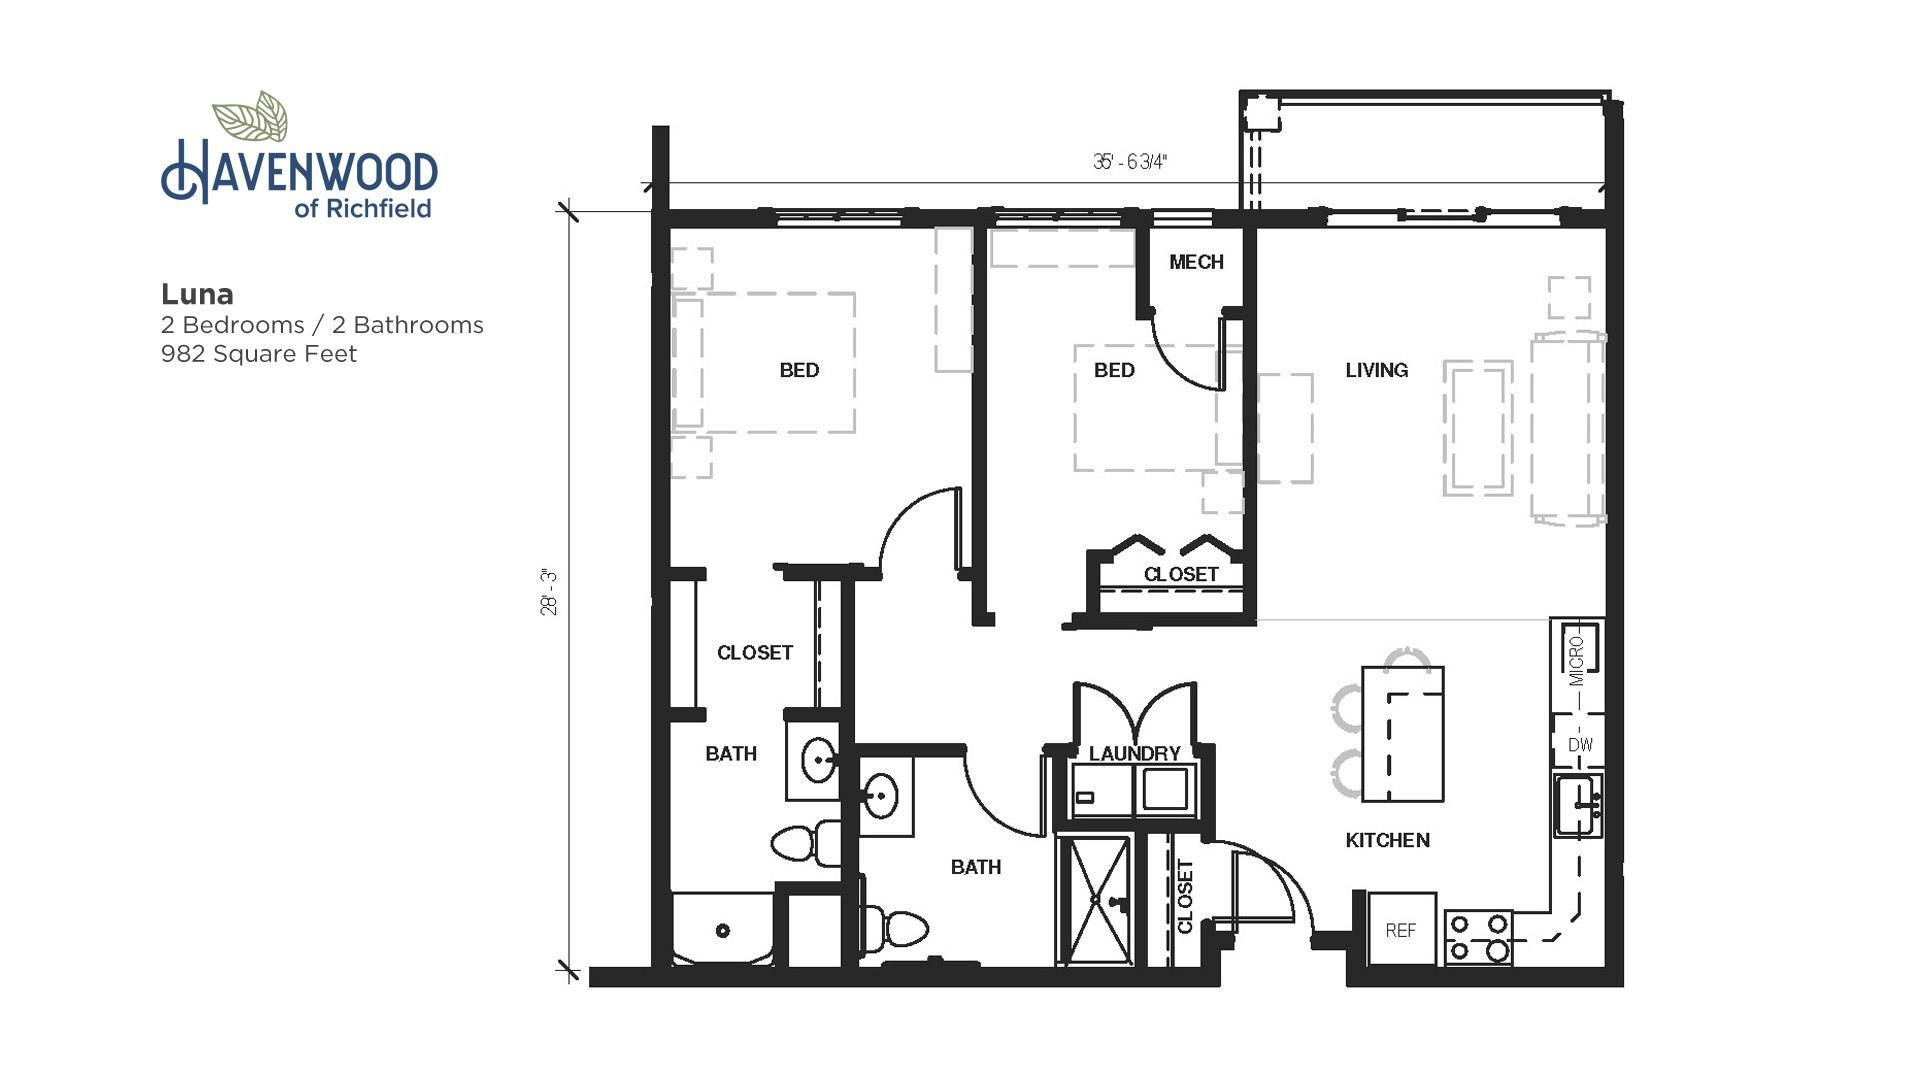 Havenwood of Richfield Luna Floor Plan